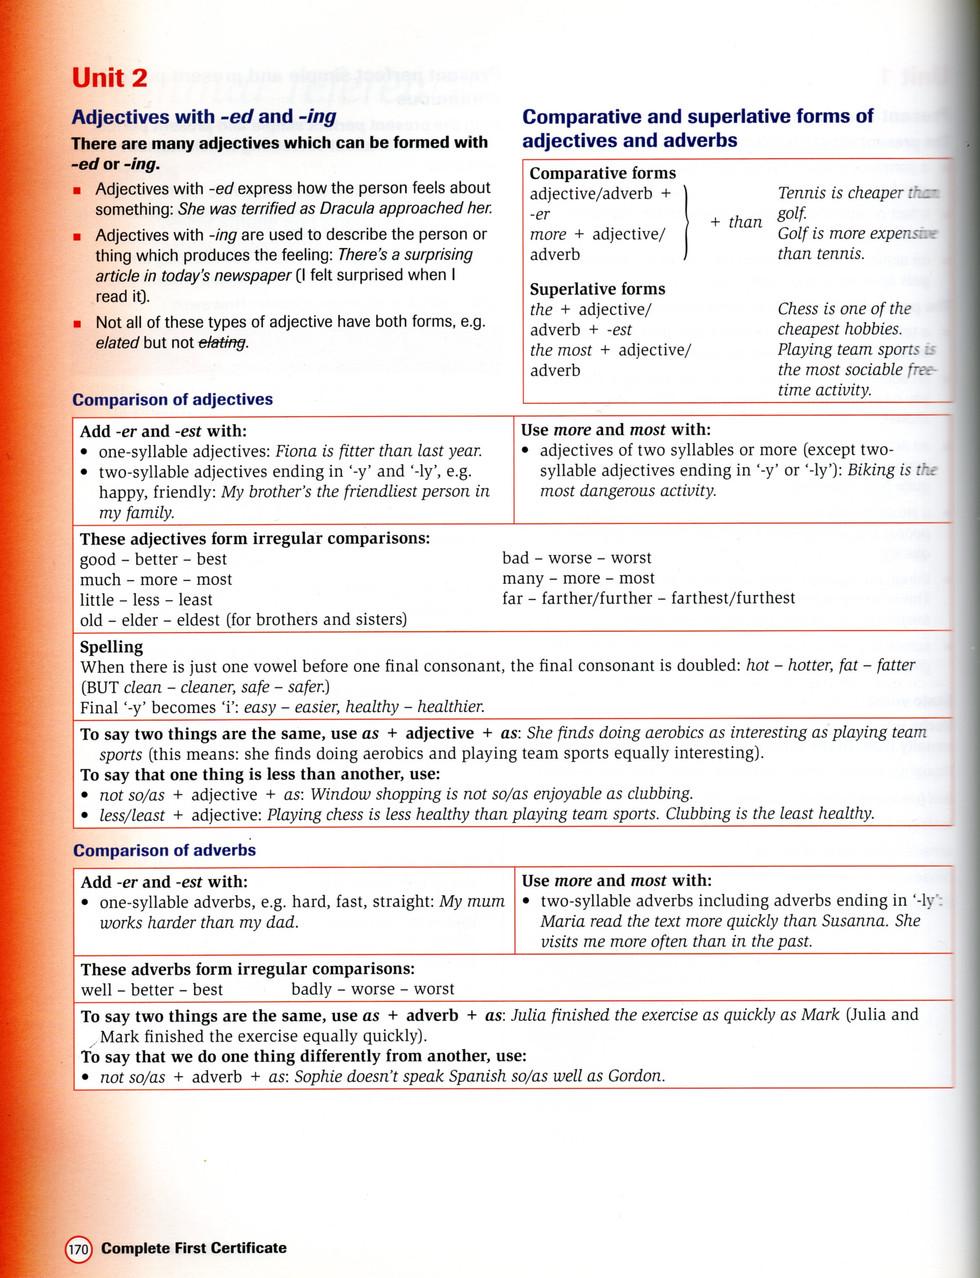 Libro Cambridge First Gramatica002.jpg